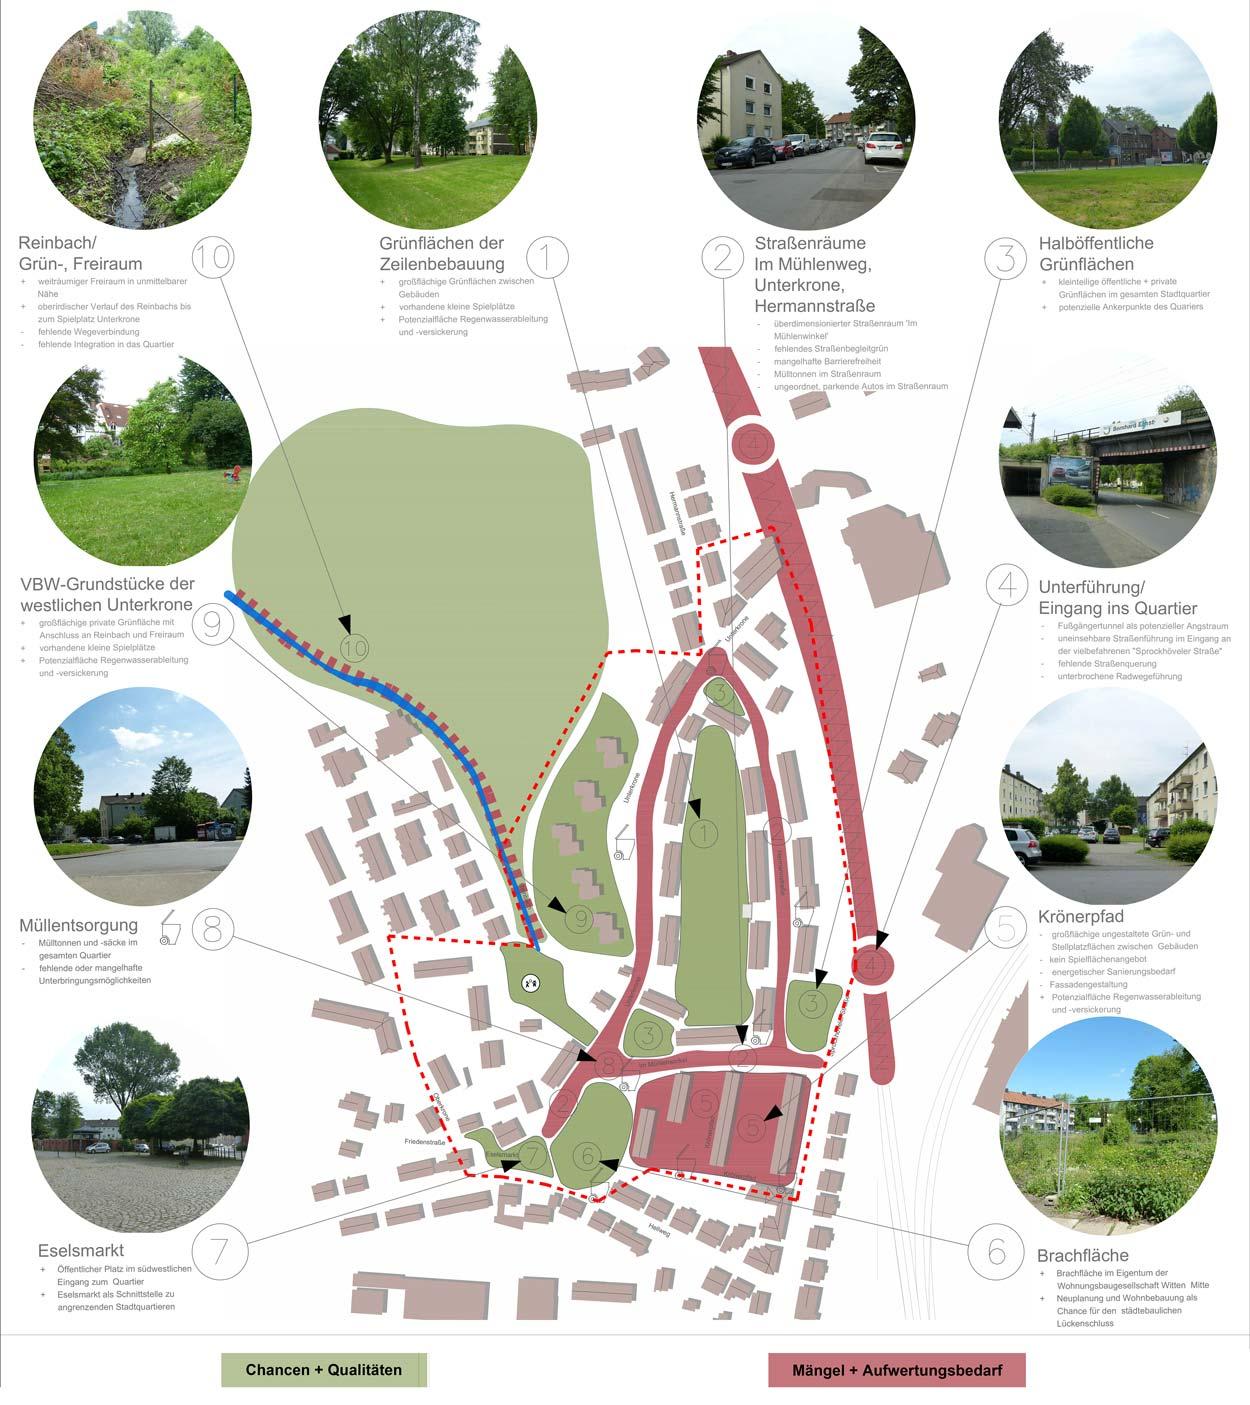 Bestandsanalyse Quartiersentwicklungsplan Unterkrone, Im Mühlenwinkel, Hermannstraße, Witten - Planquadrat Dortmund